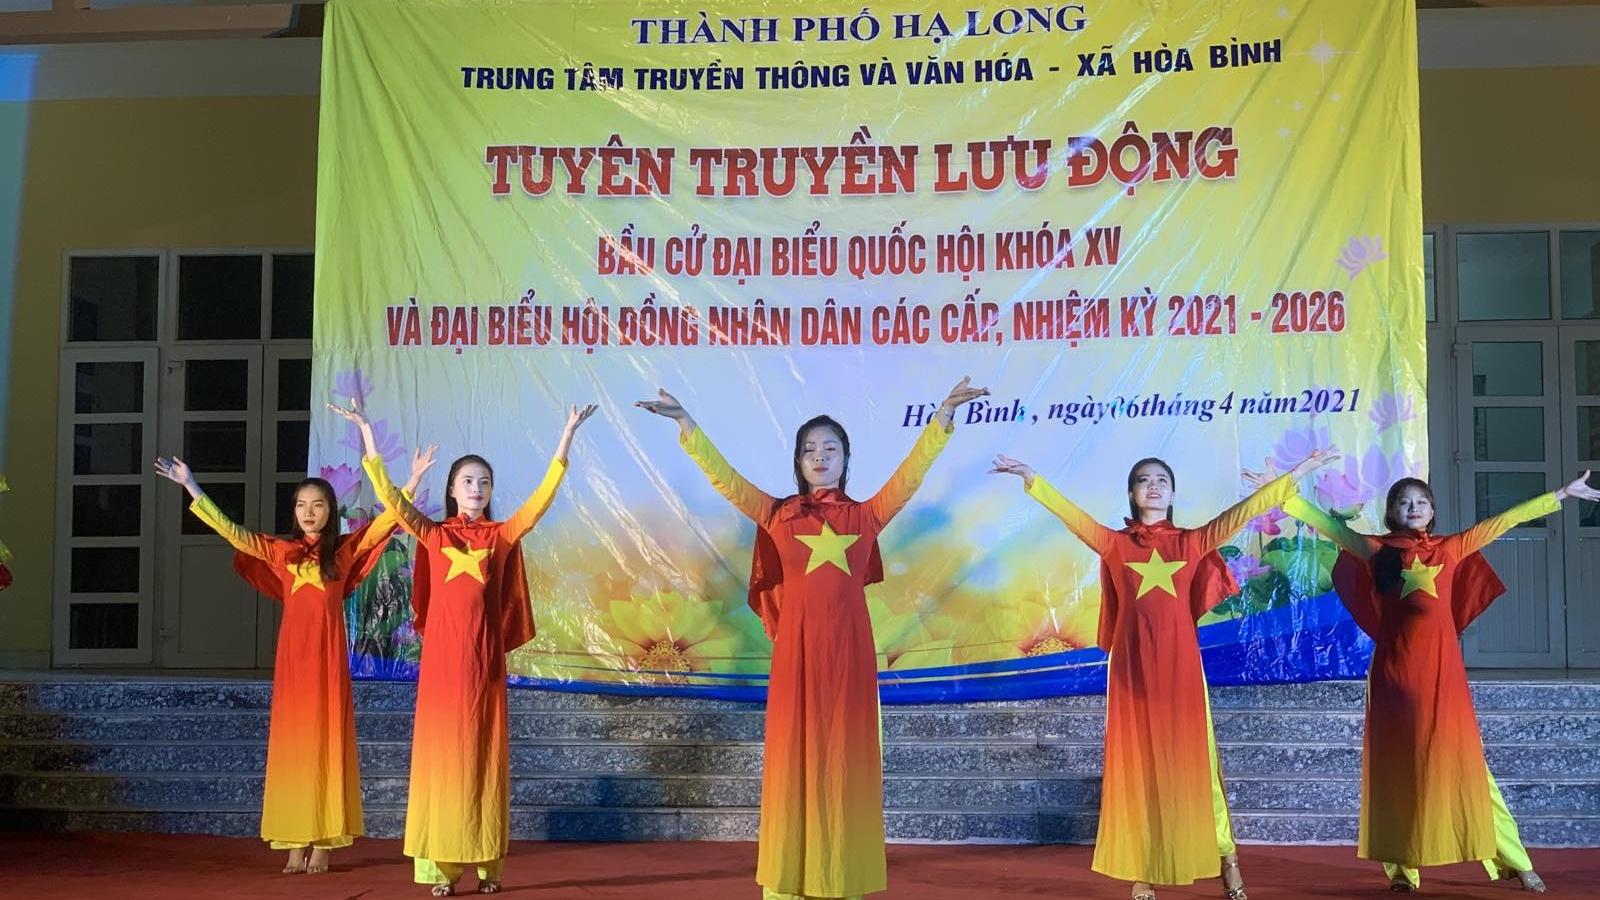 Truyền thanh cơ sở phát huy hiệu quả trong tuyên truyền bầu cử tại Quảng Ninh